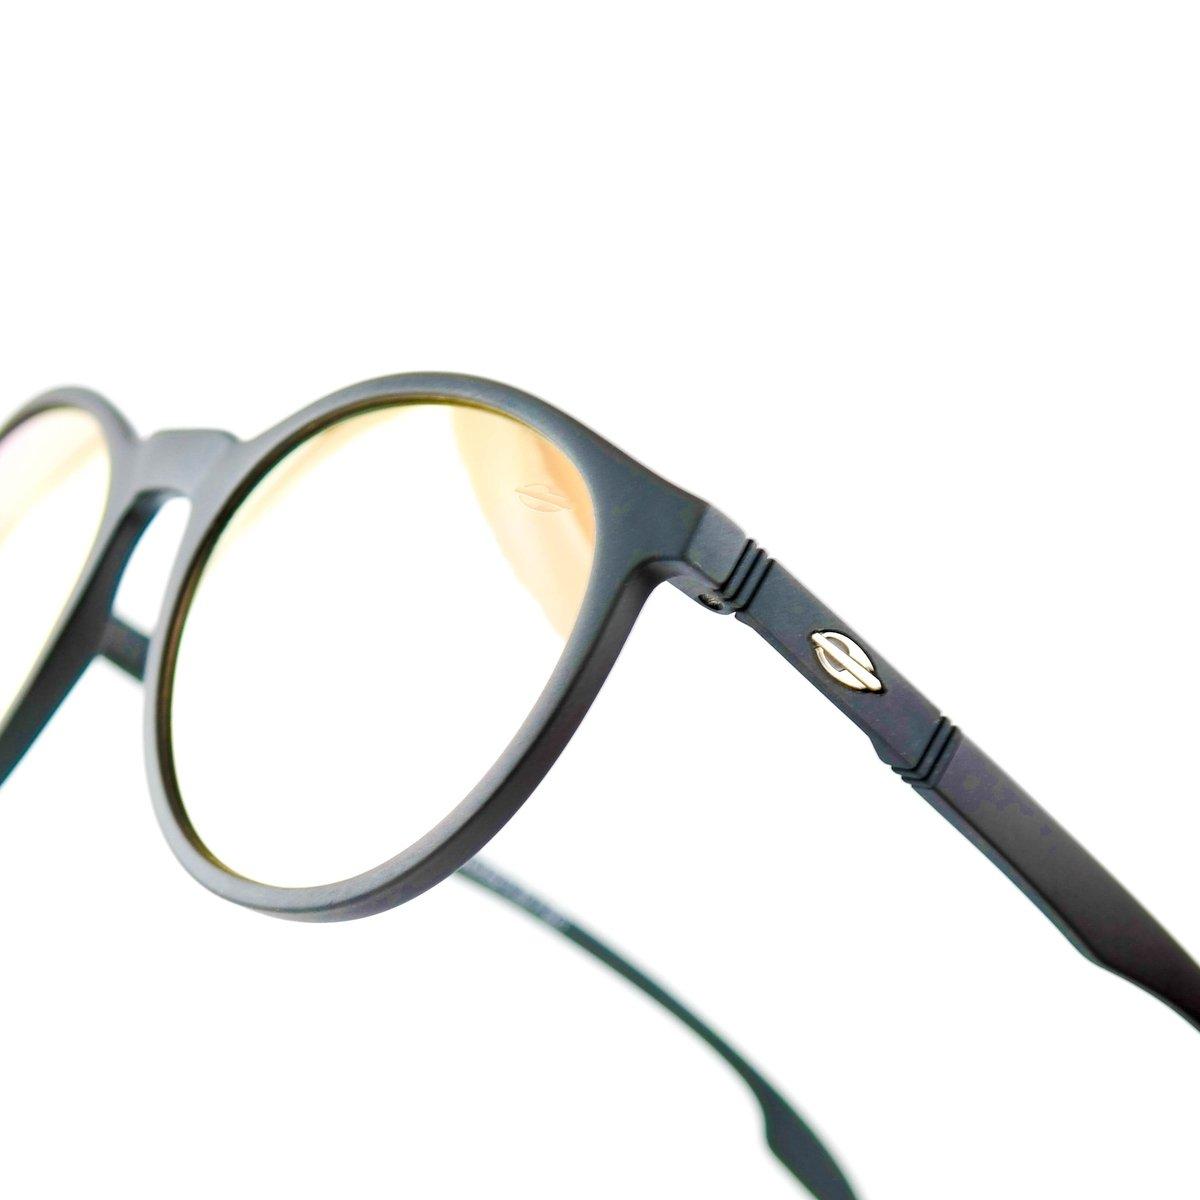 151d65cb0afe7 Óculos de Sol Mormaii Mauí Espelhado - Compre Agora   Netshoes